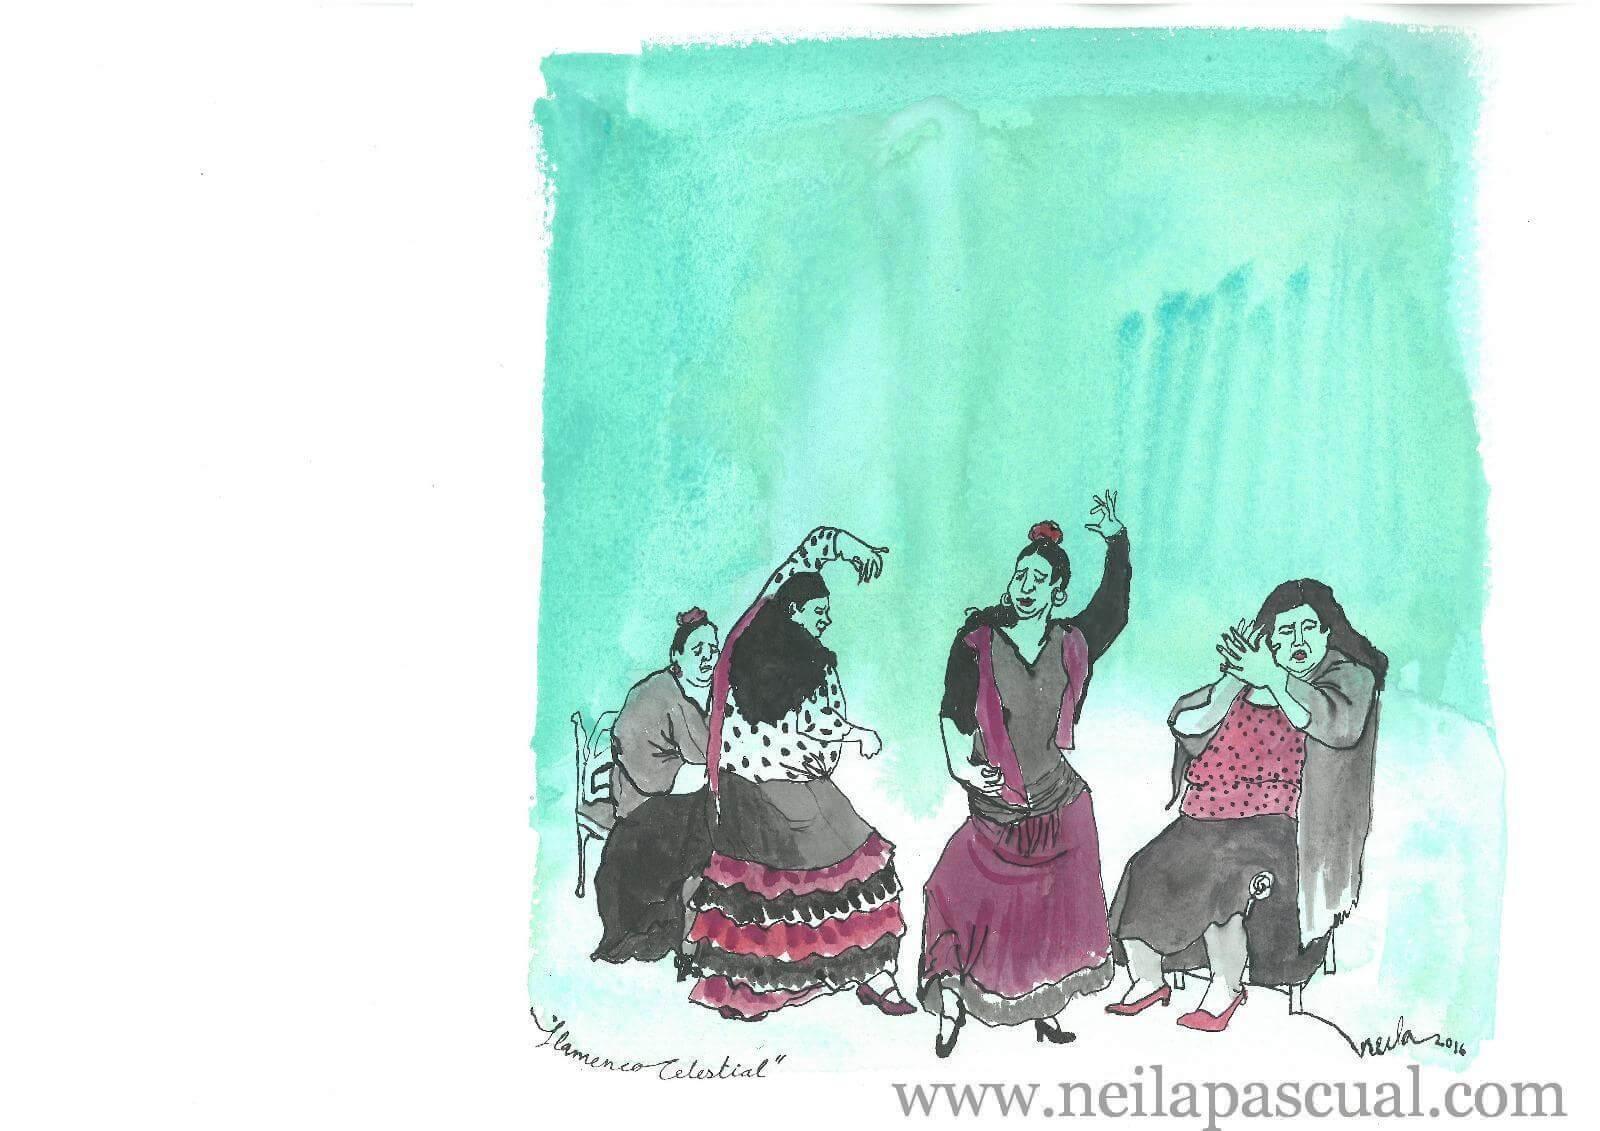 Flamenco Celestial 19